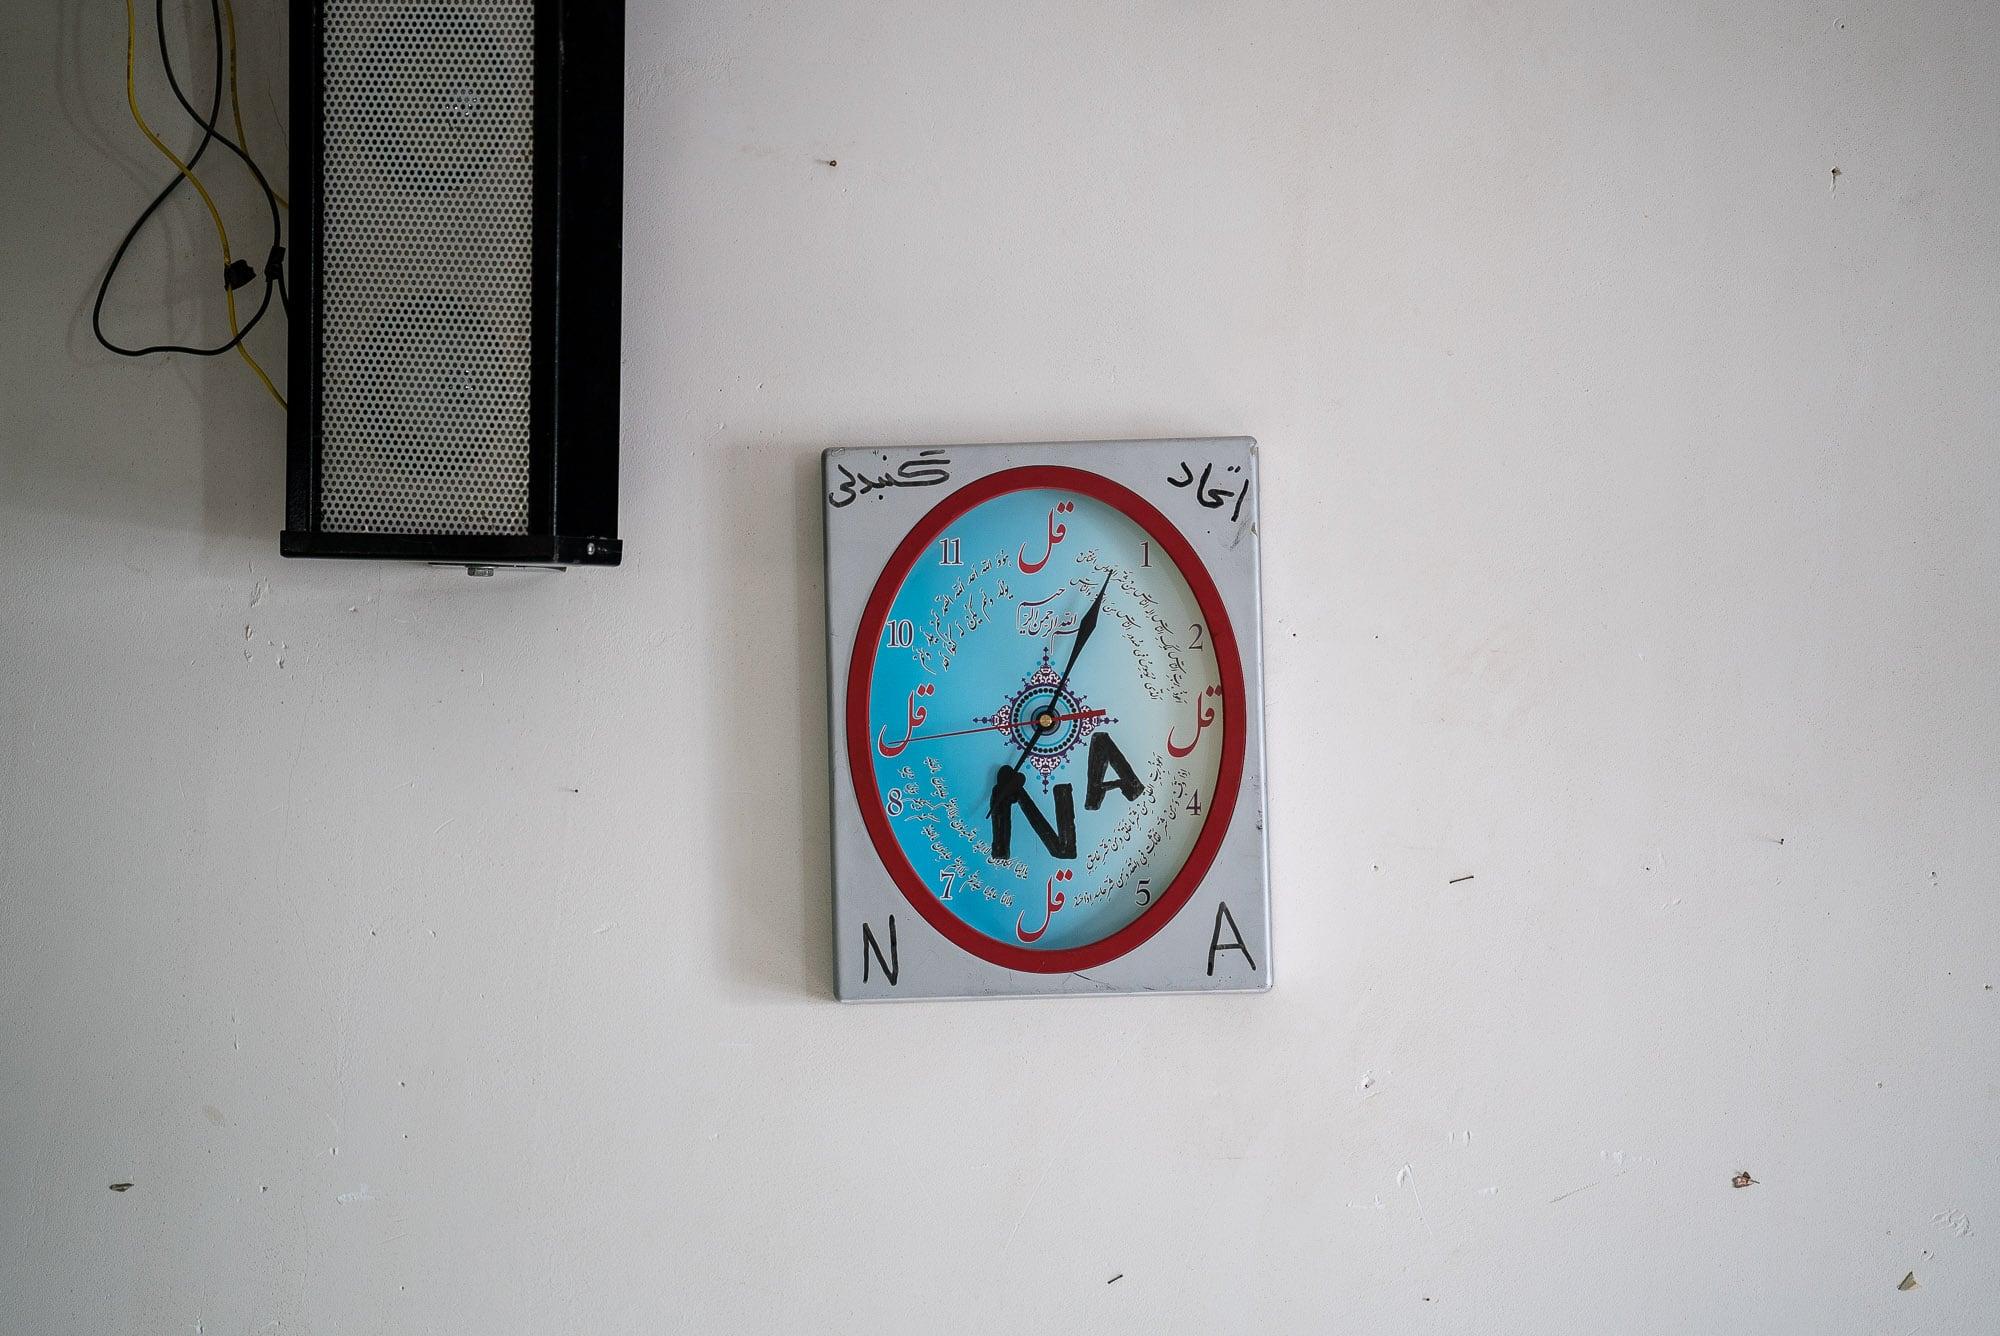 NA clock